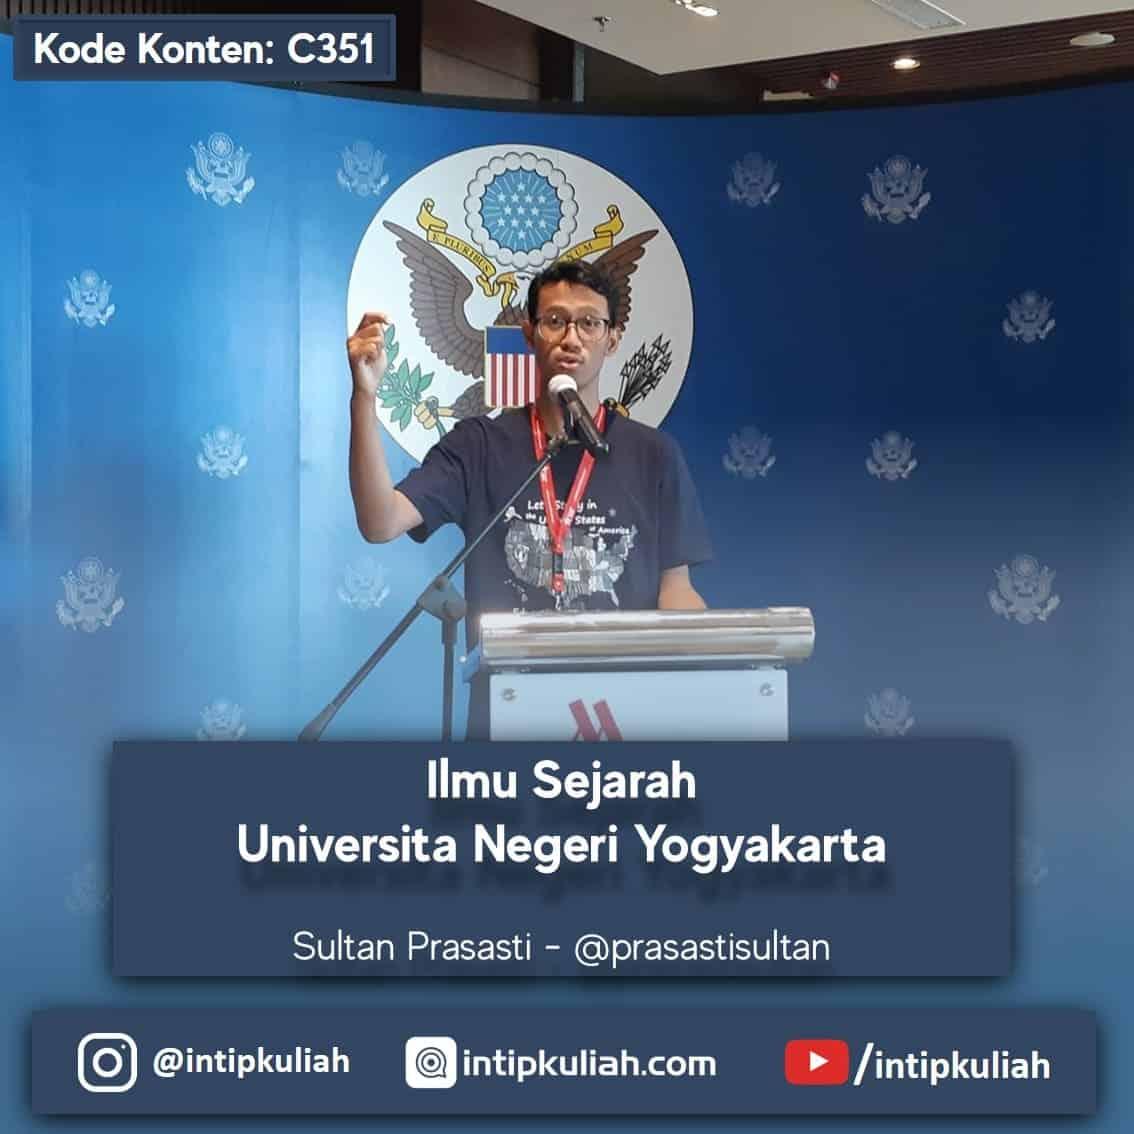 Ilmu Sejarah Universitas Negeri Yogyakarta (Pras)